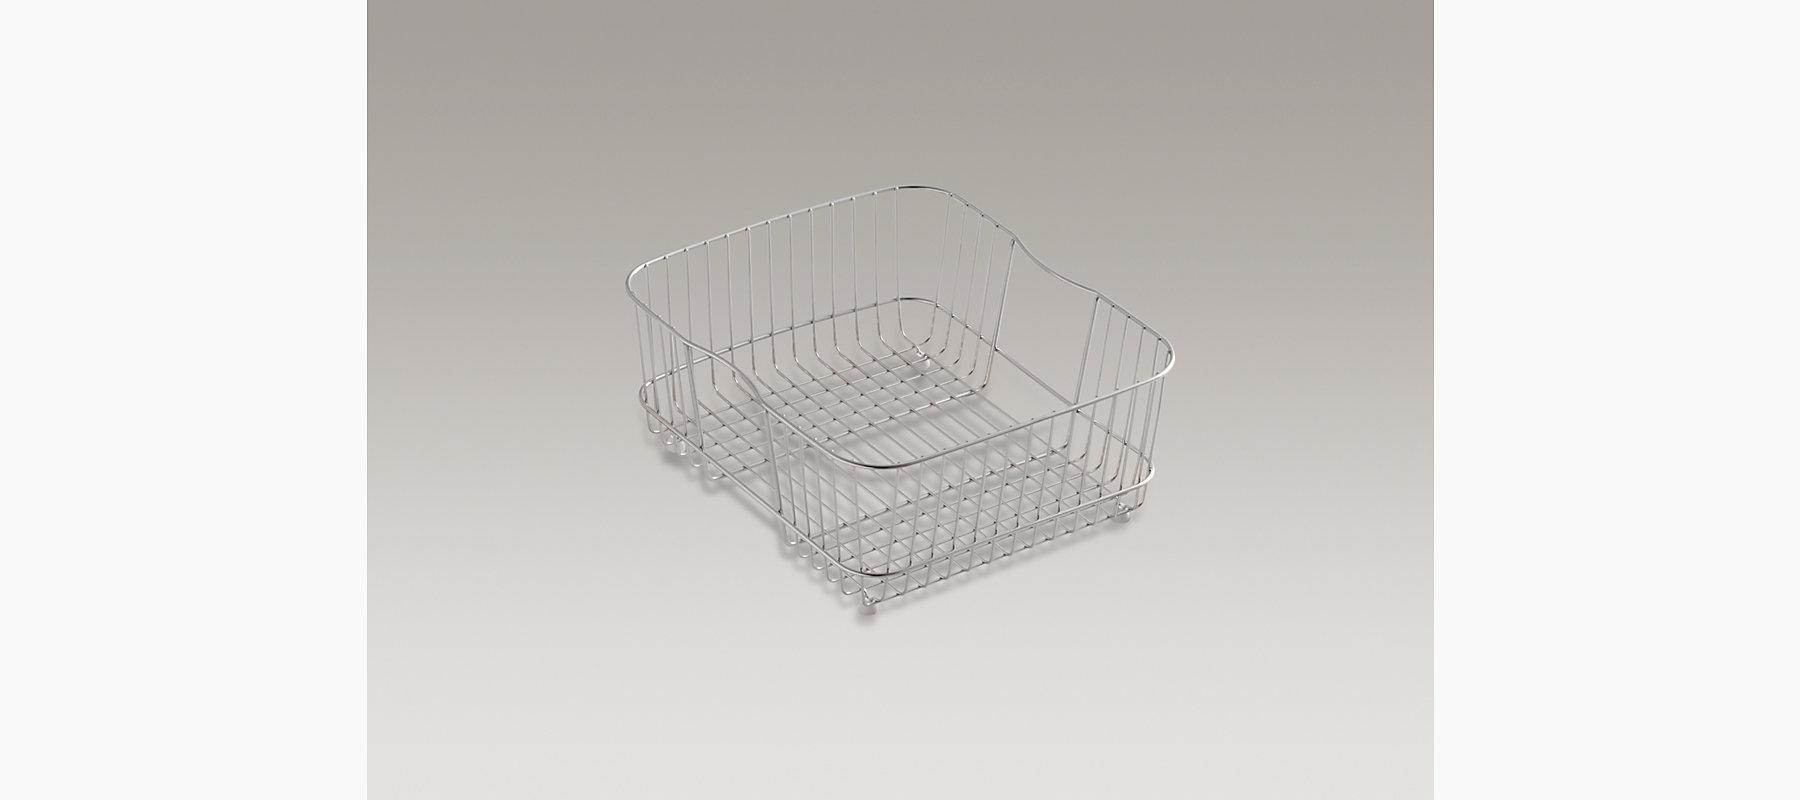 Kohler brookfield kitchen sink - Home Kitchen Kitchen Accessories Sink Racks Baskets Sink Baskets